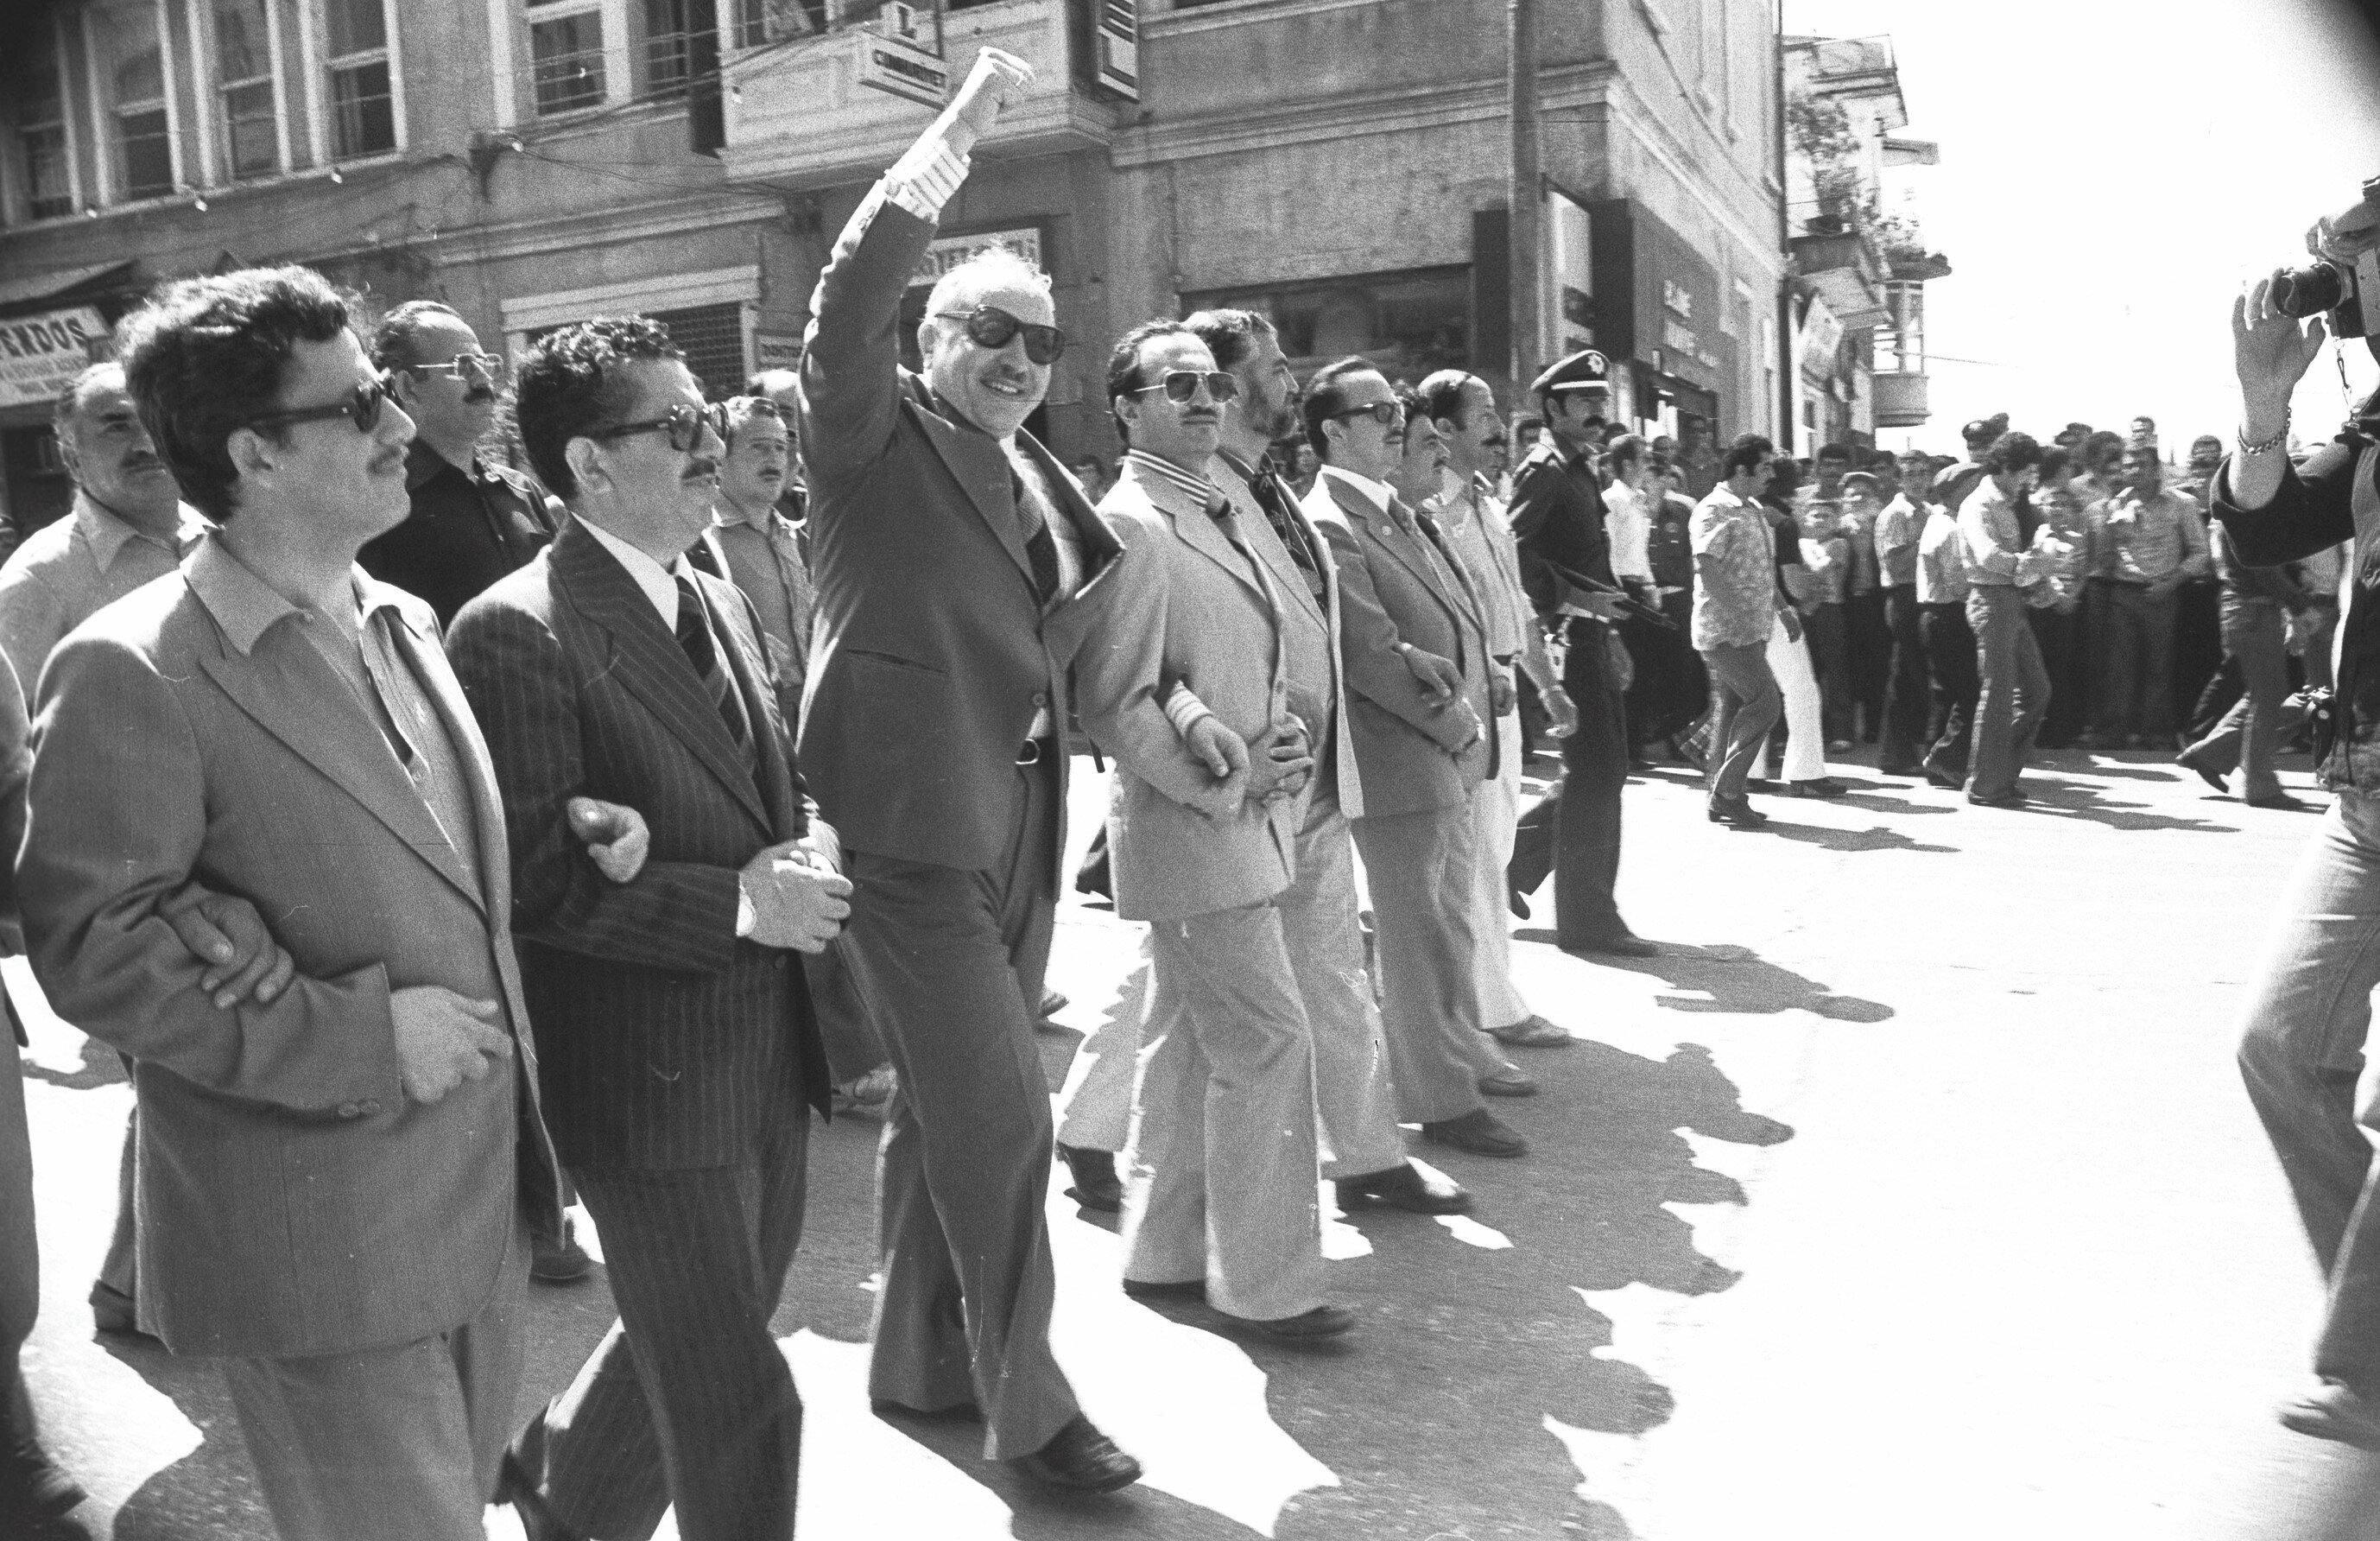 Asiltürk, MSP'nin 24 Haziran 1978'deki Antalya mitinginde Necmettin Erbakan'la kol kola yürümüştü.